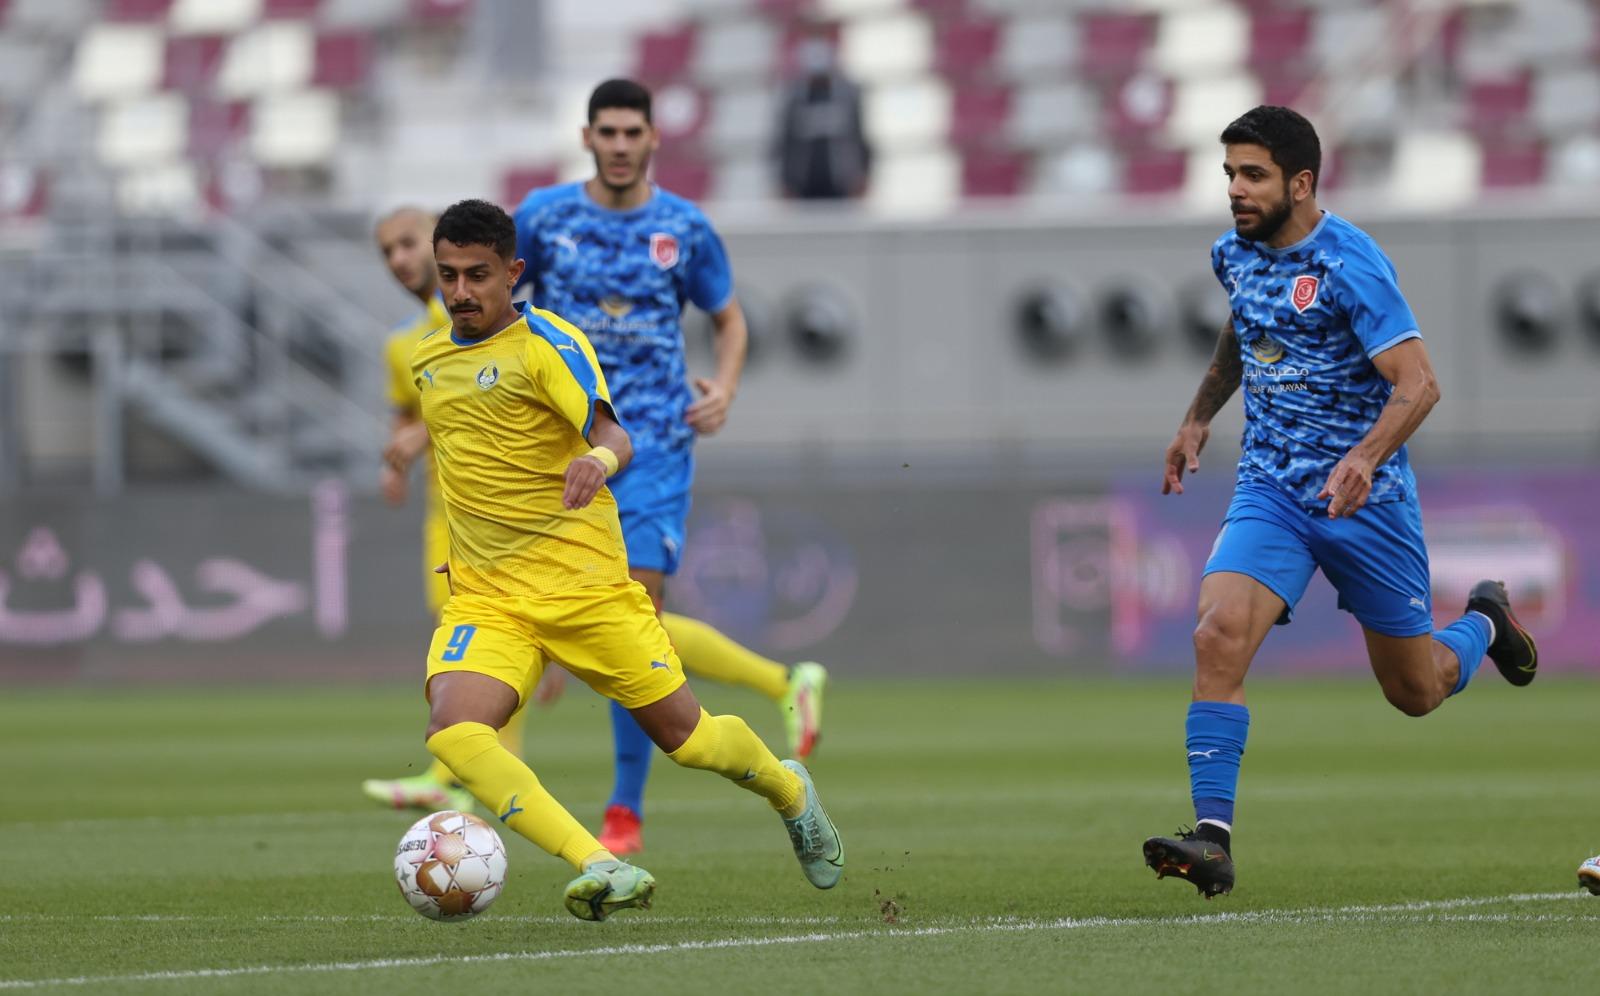 QNB Stars League Week 3: Al Duhail Beat Al Gharafa 3-1